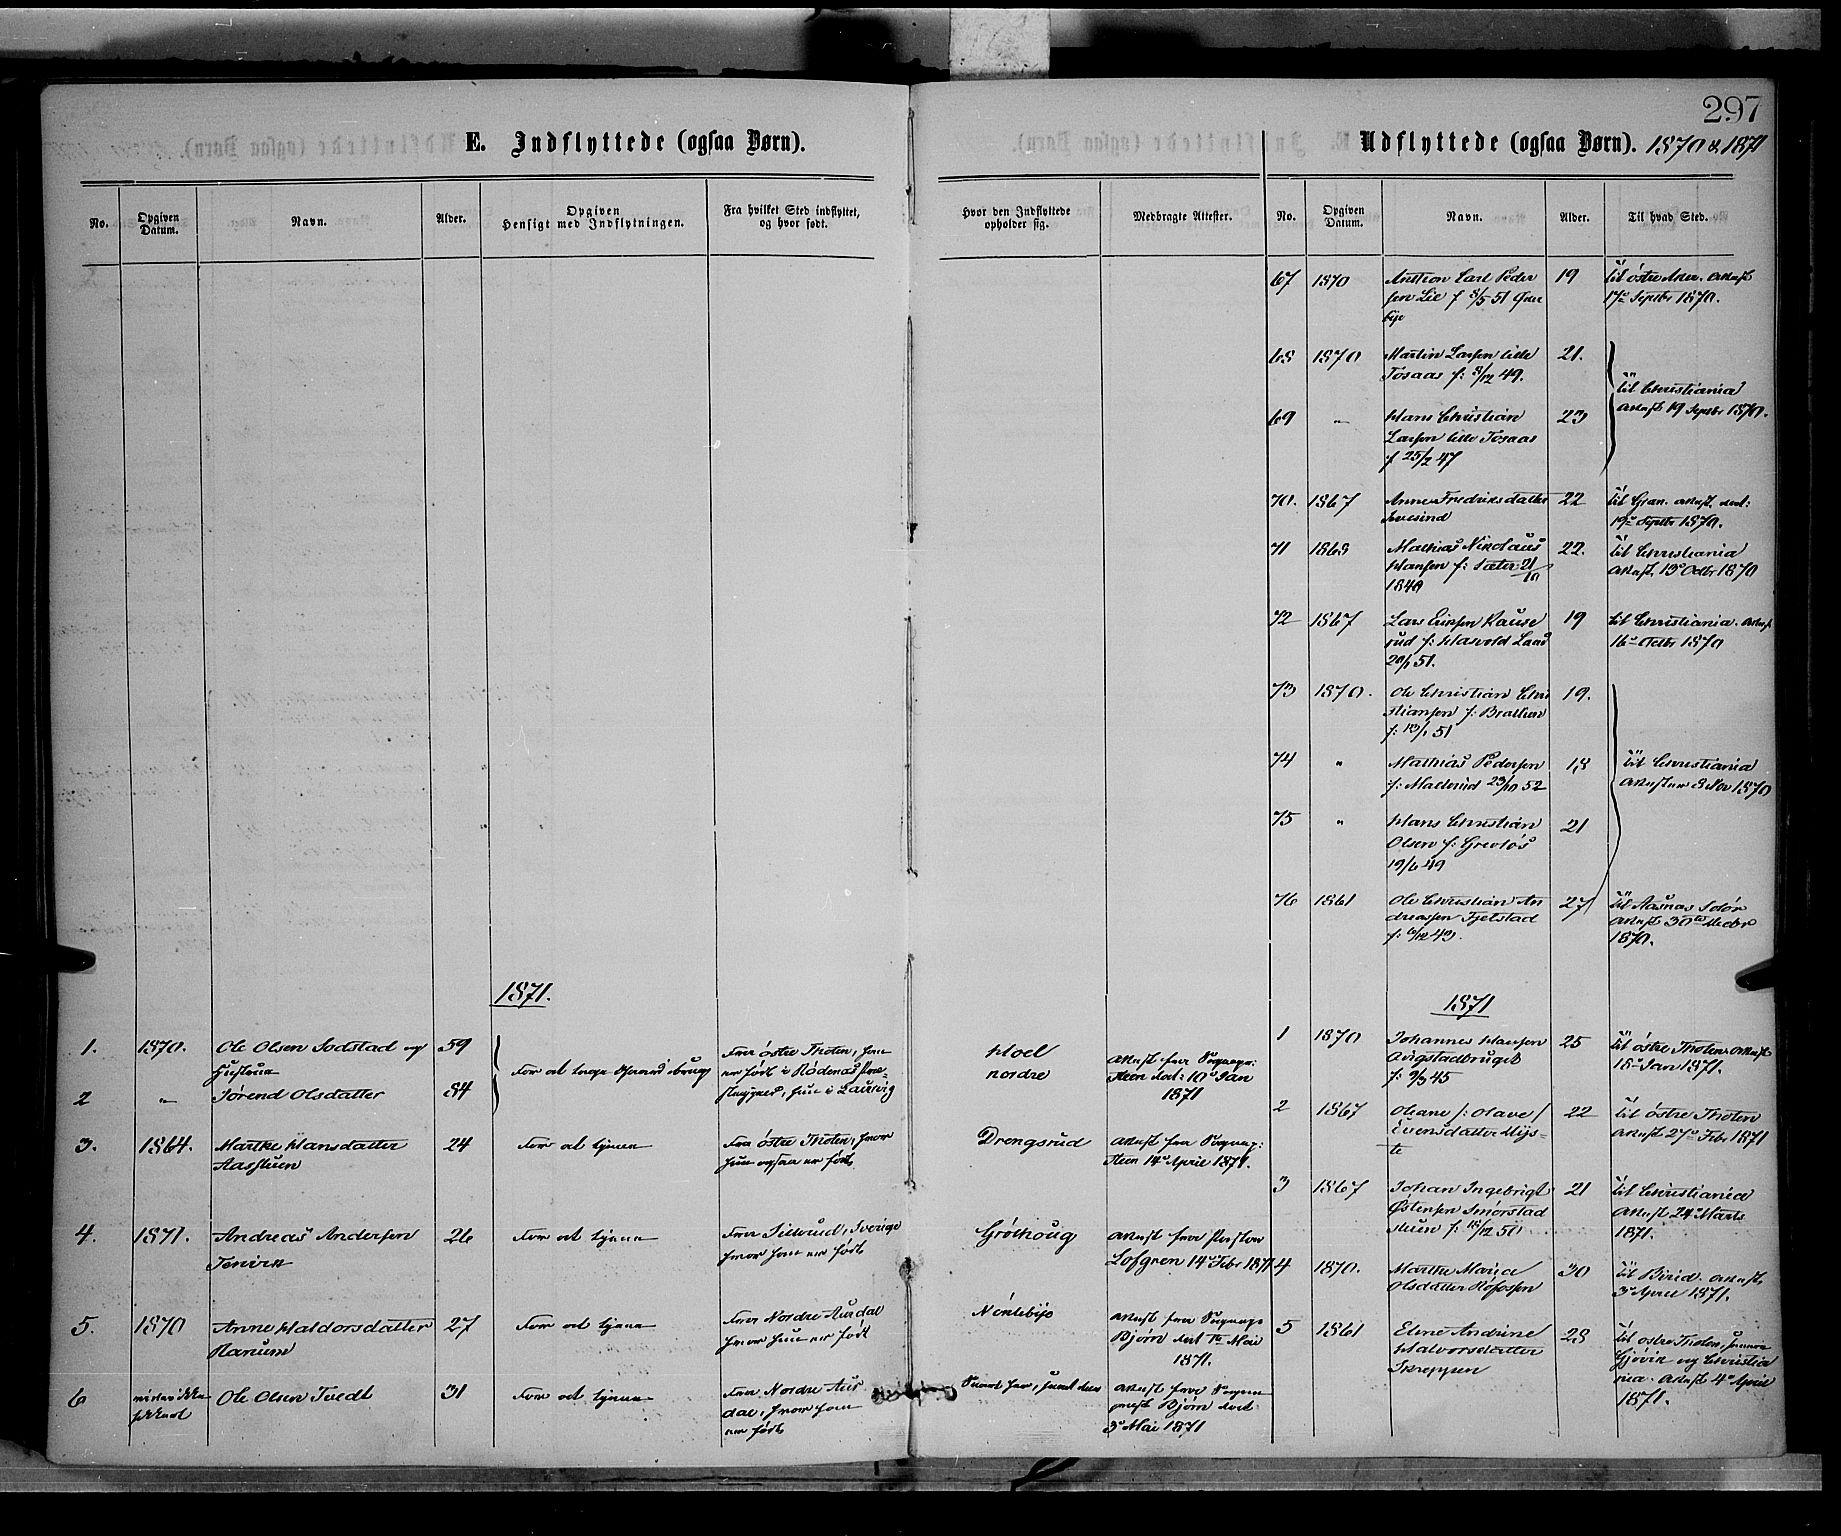 SAH, Vestre Toten prestekontor, Ministerialbok nr. 8, 1870-1877, s. 297